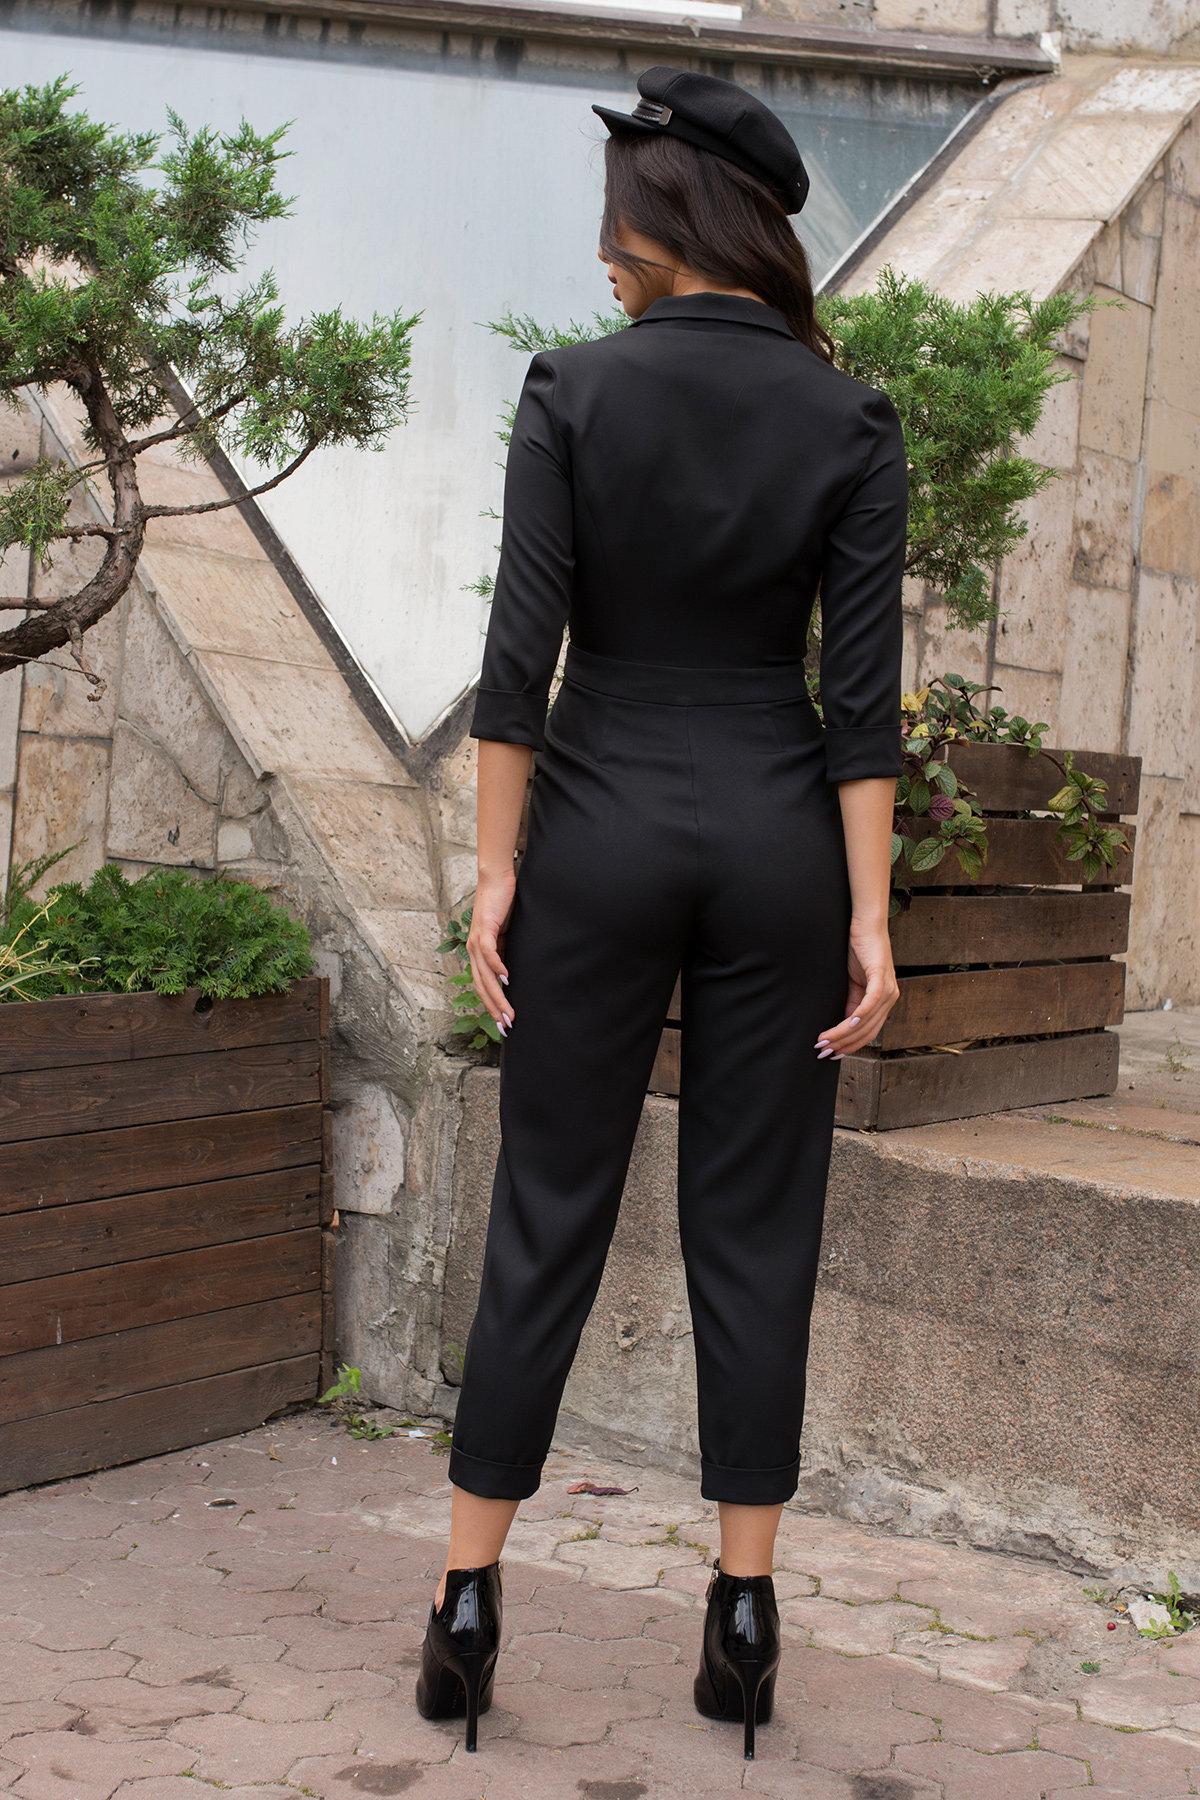 Женский брючный комбинезон Гренада 8816 АРТ. 45149 Цвет: Черный - фото 3, интернет магазин tm-modus.ru